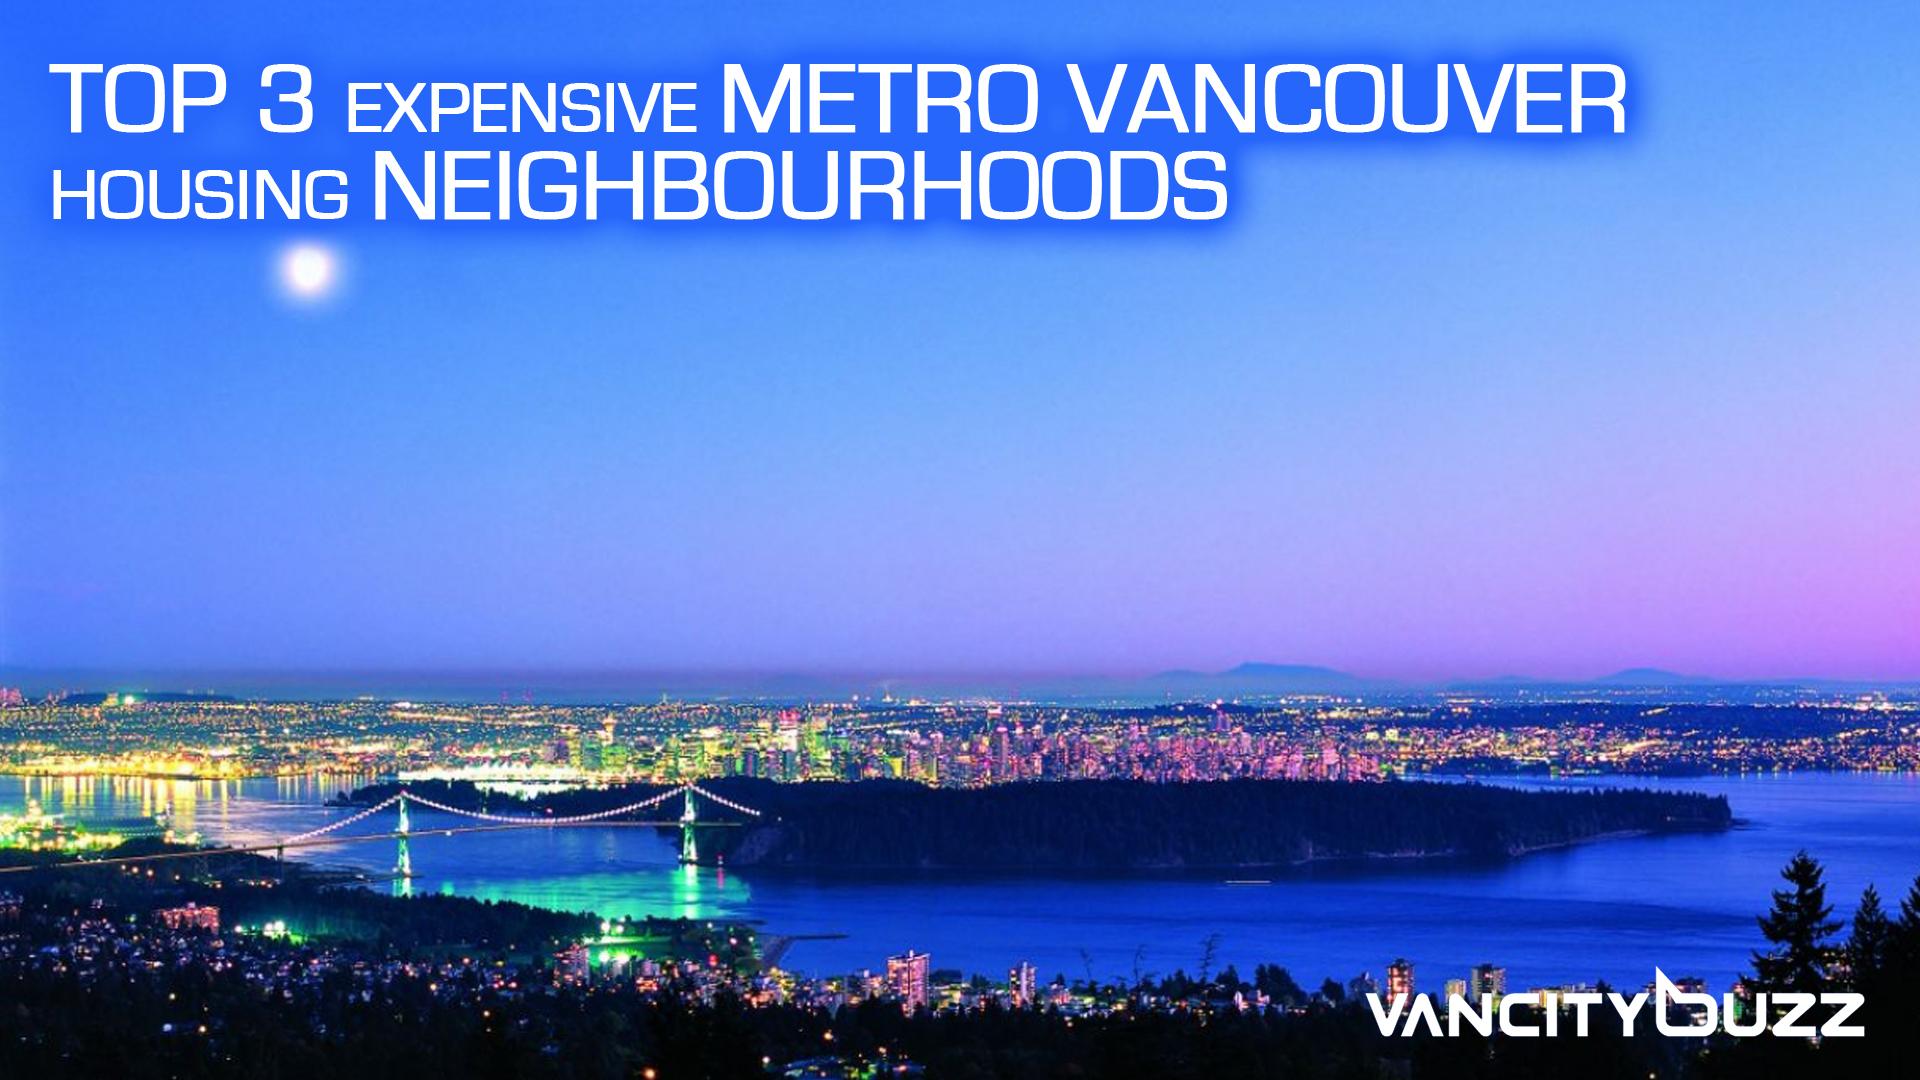 Top 3 Most Expensive Neightbourhoods in Metro Vancouver